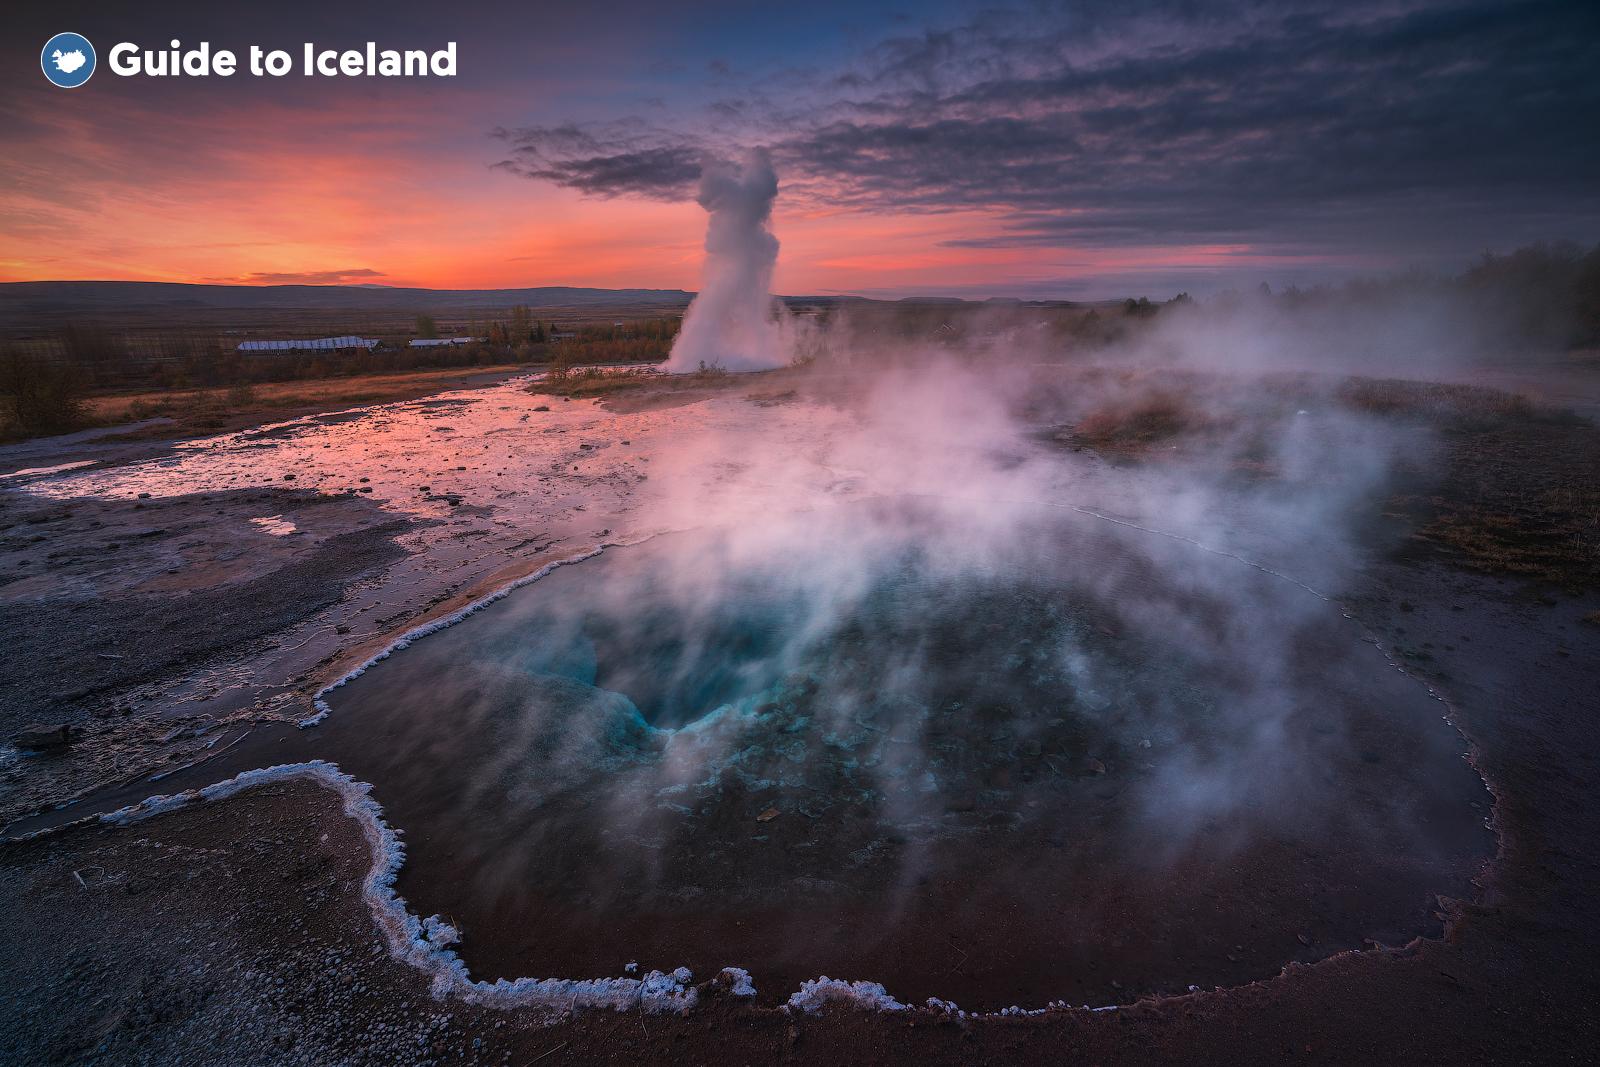 Spędź trzy dni podróżując do najpopularniejszych atrakcji Islandii, takich jak te na trasie Złotego Kręgu.